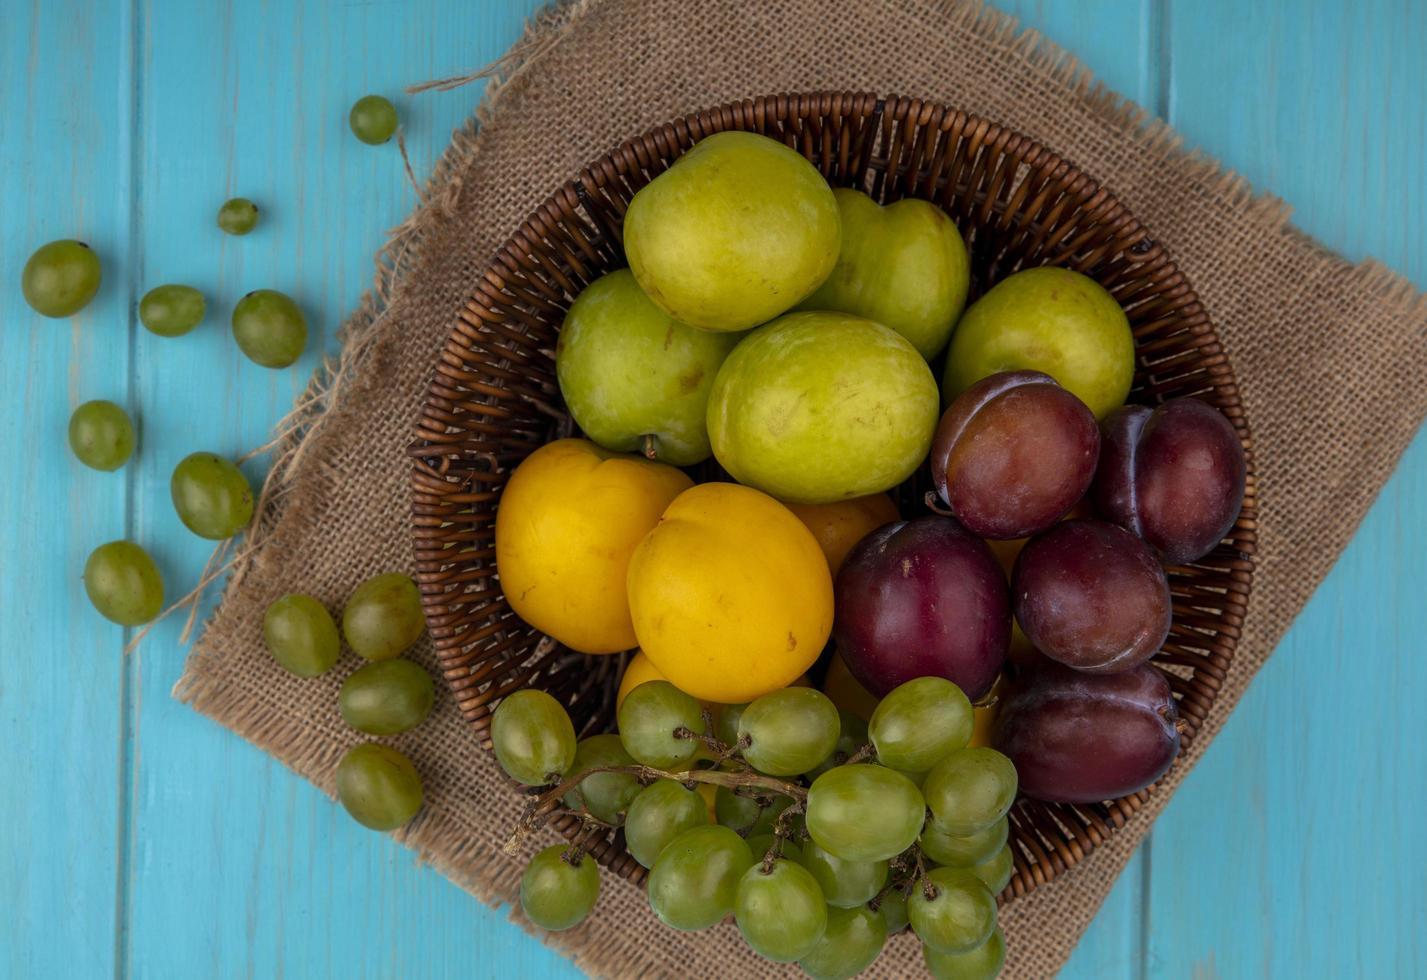 Surtido de frutas en una canasta sobre fondo azul. foto